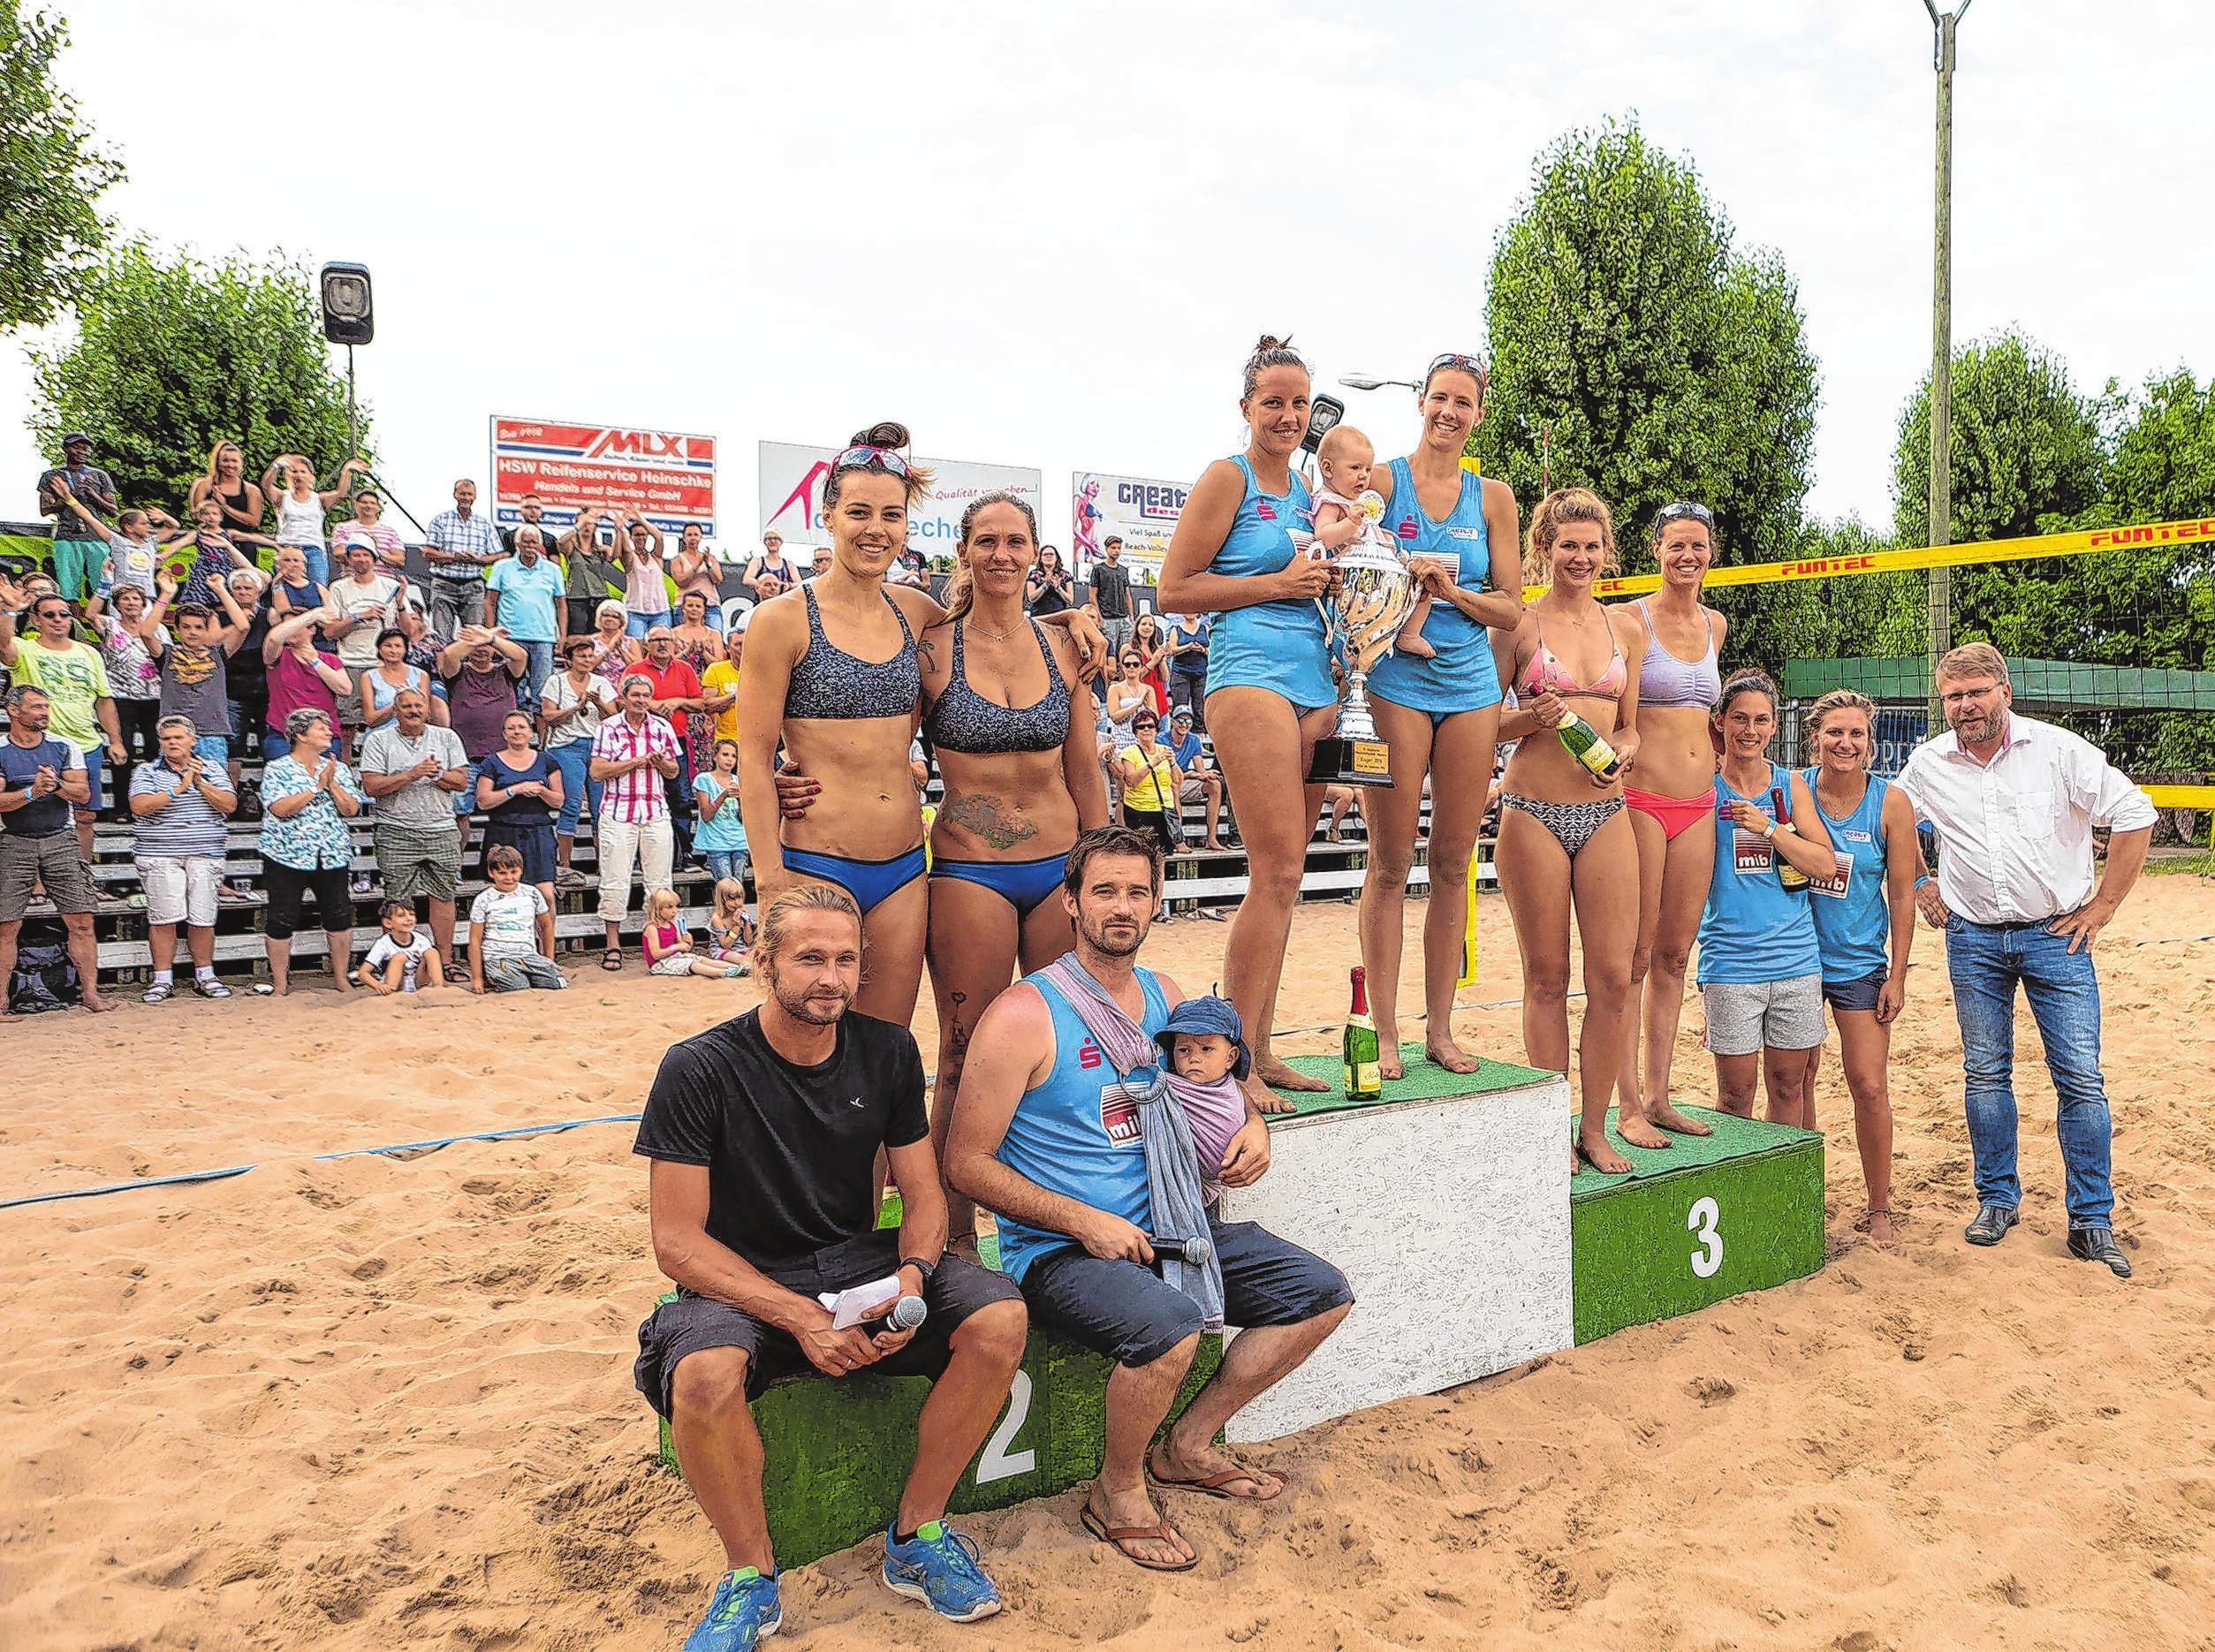 Strahlende Siegerinnen vom vergangenen Jahr: das Abschlussbild nach dem Finale der Frauen-Konkurrenz in Wriezen. Fotos: Edgar Nemschok